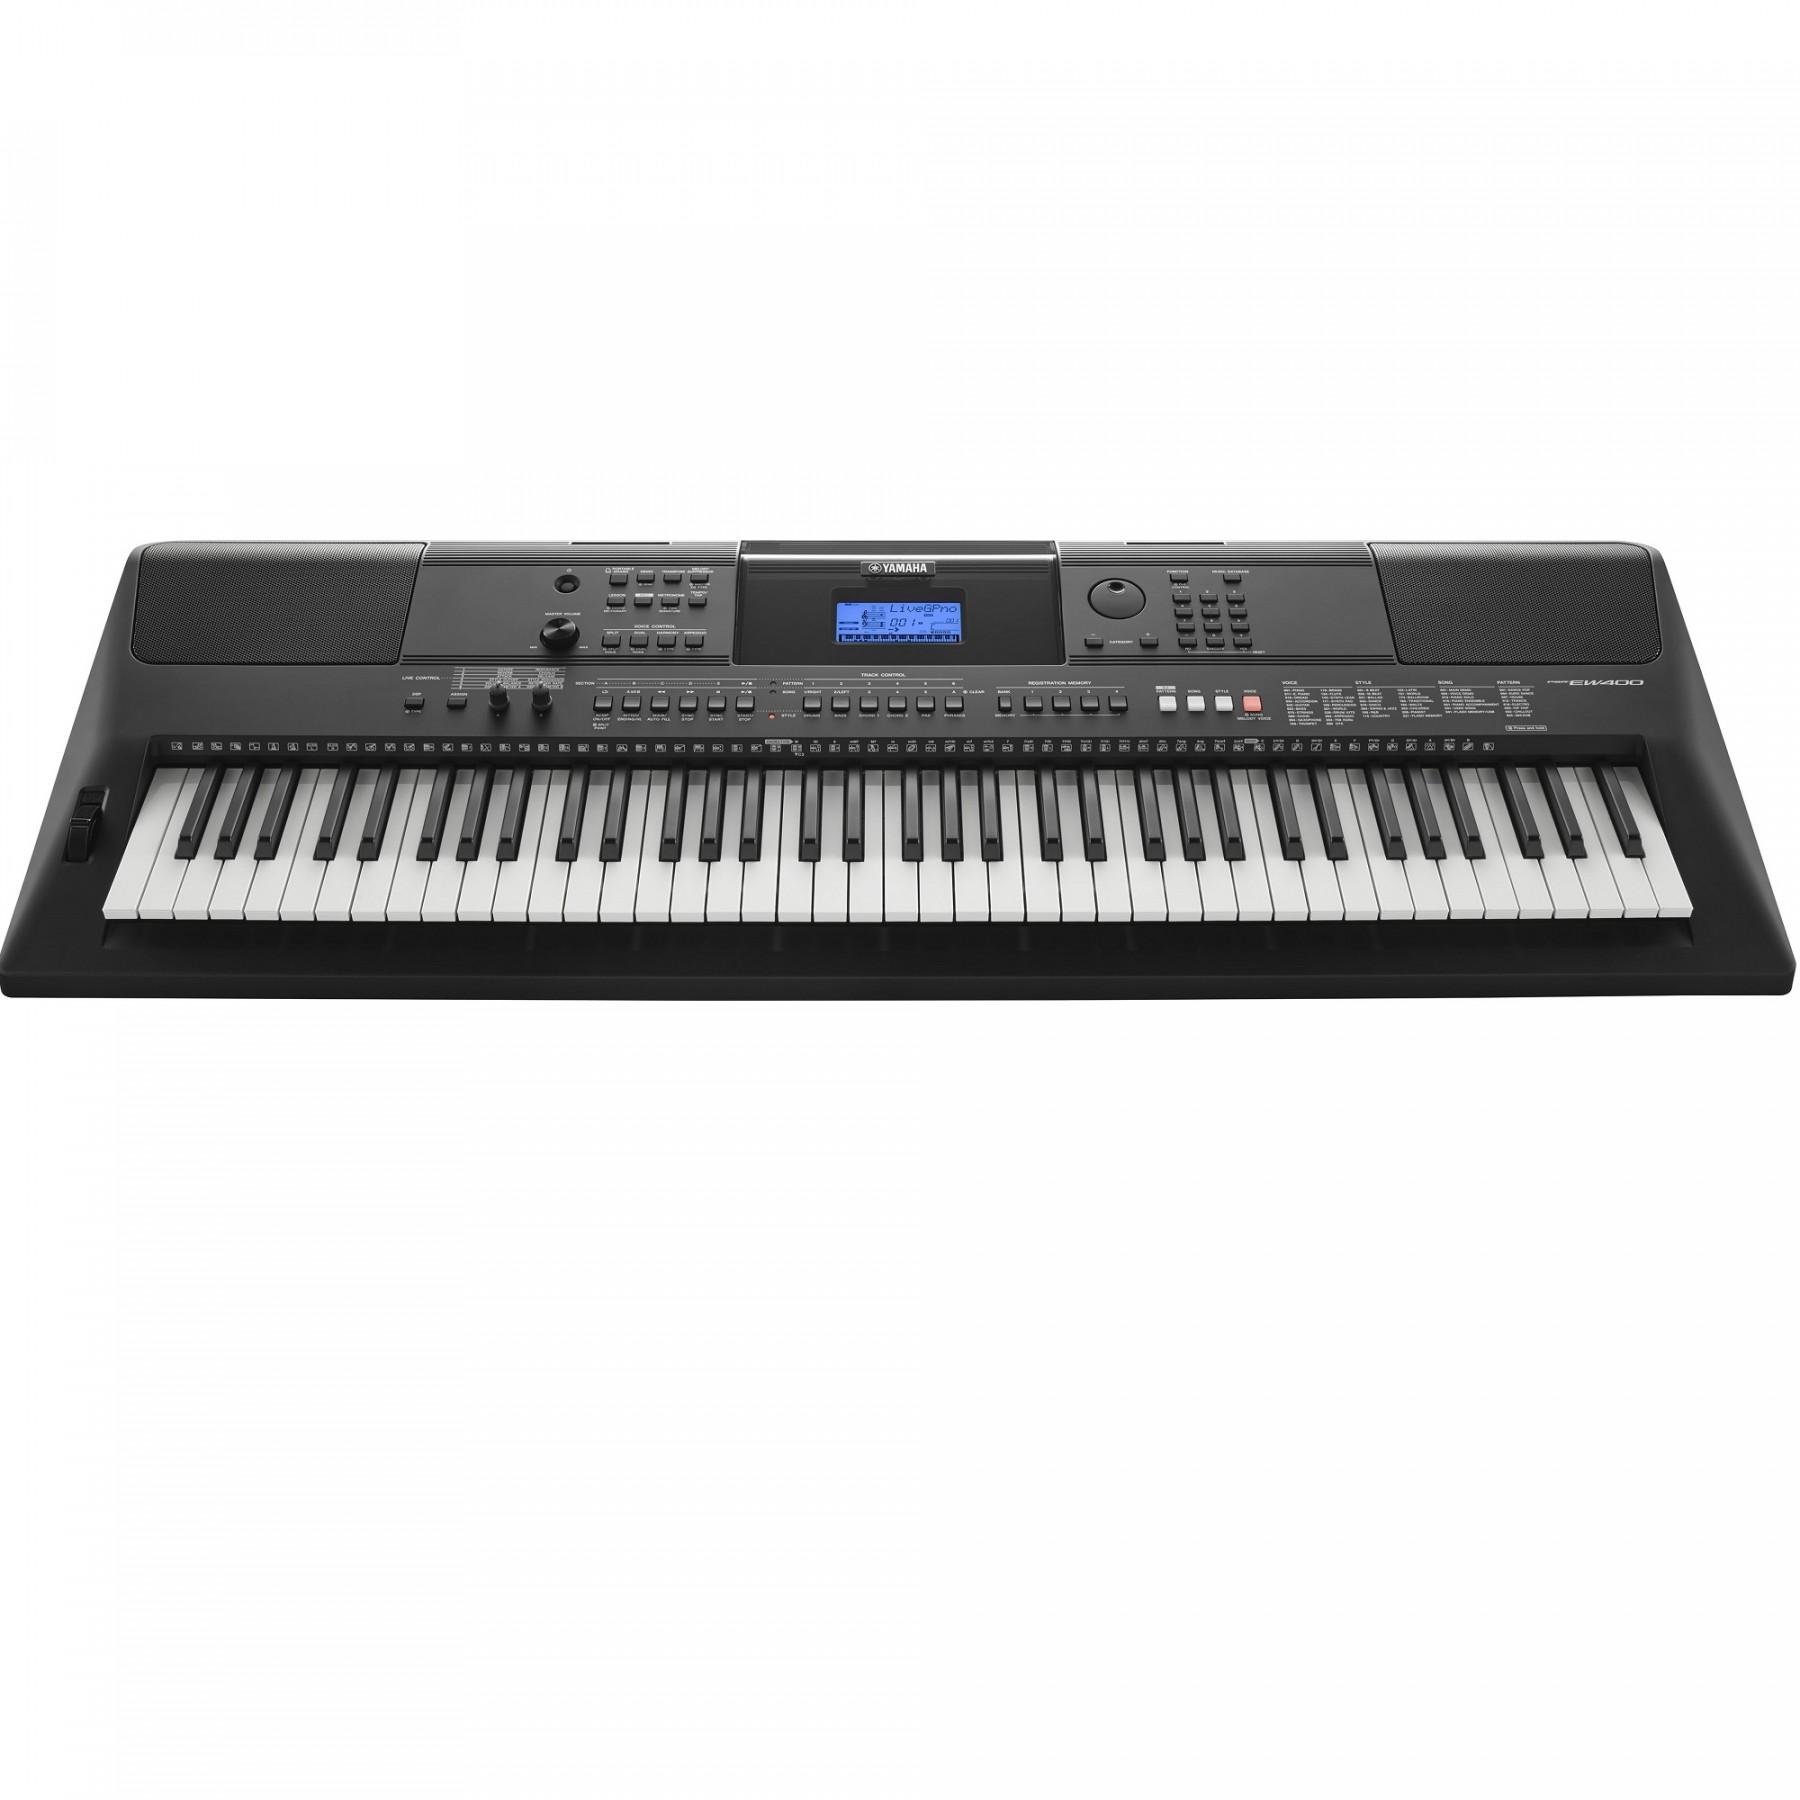 Yamaha psr ew400 for Yamaha psr ew300 keyboard